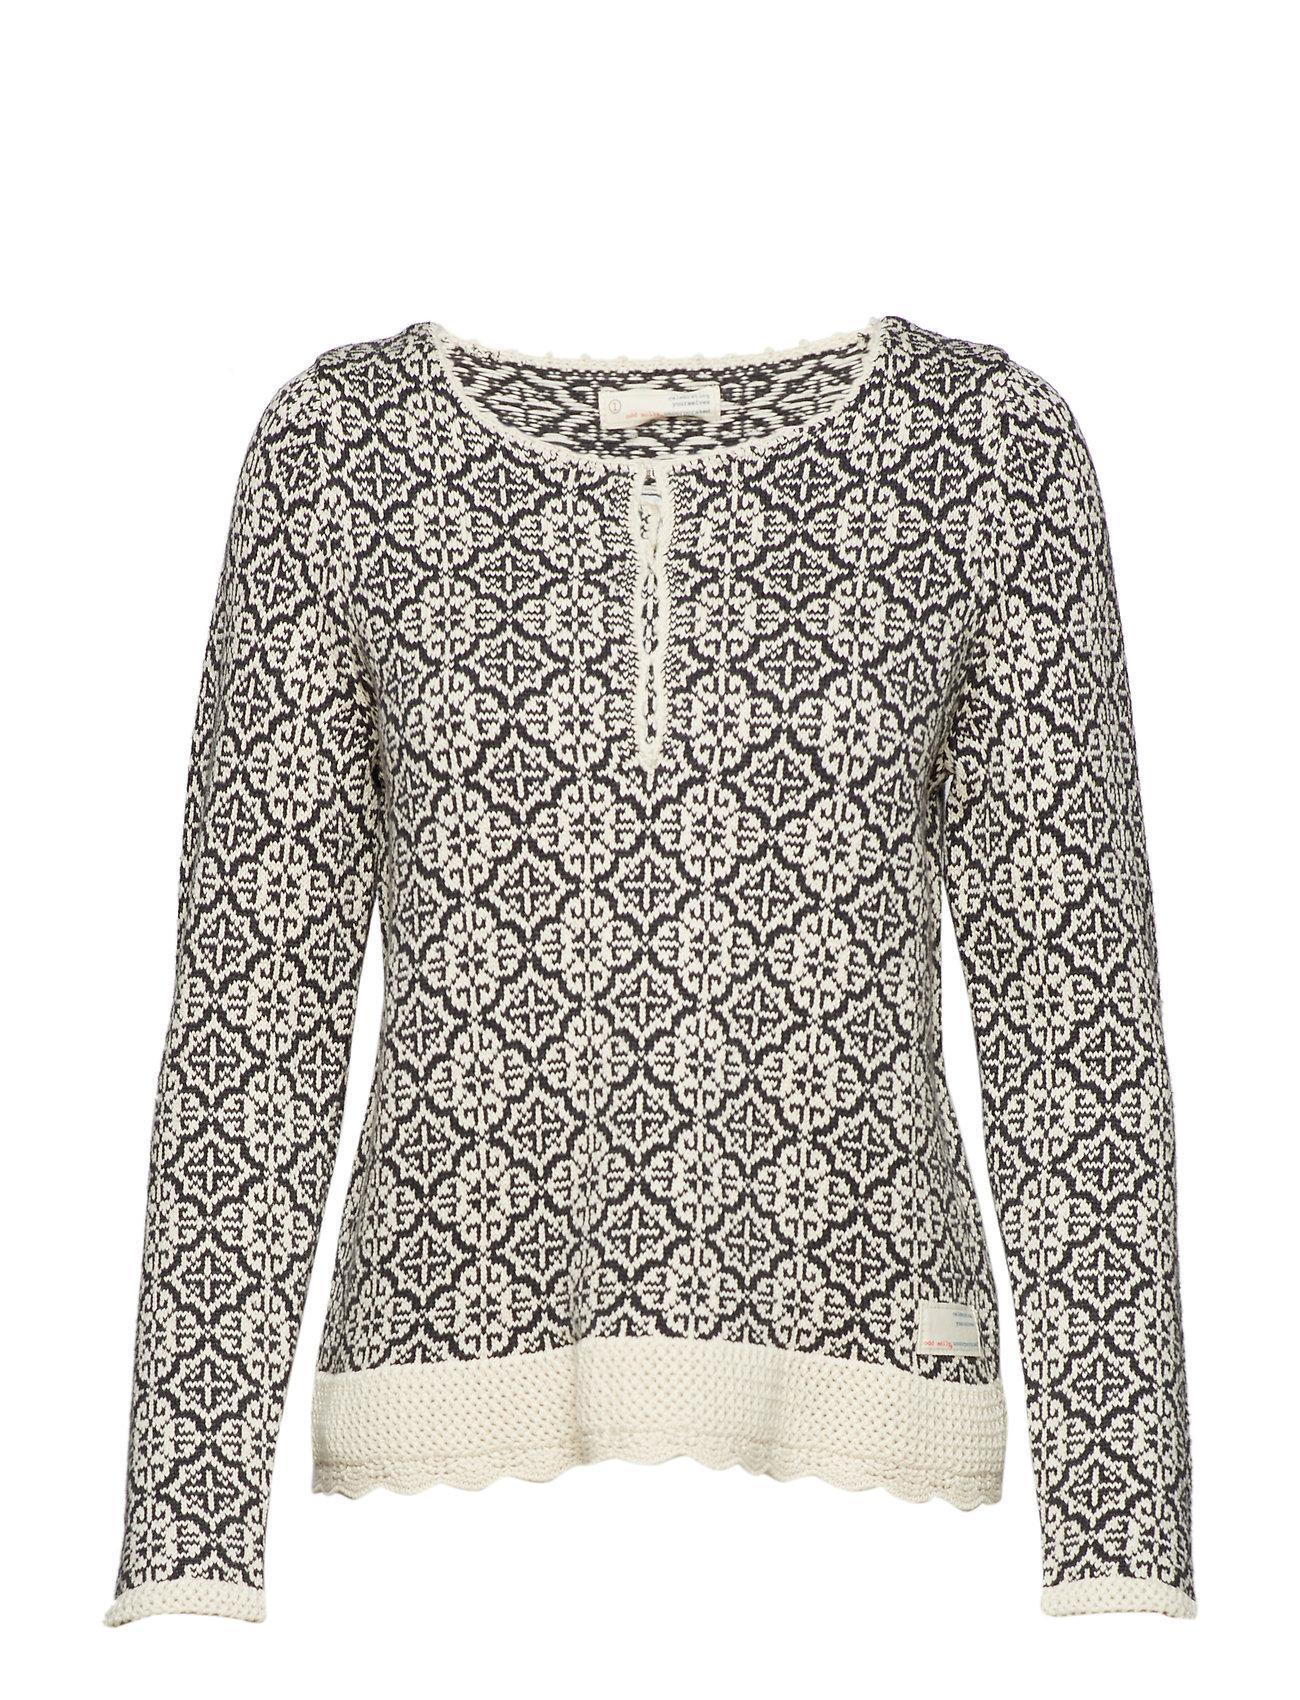 ODD MOLLY treasure tile sweater Ögrönlar